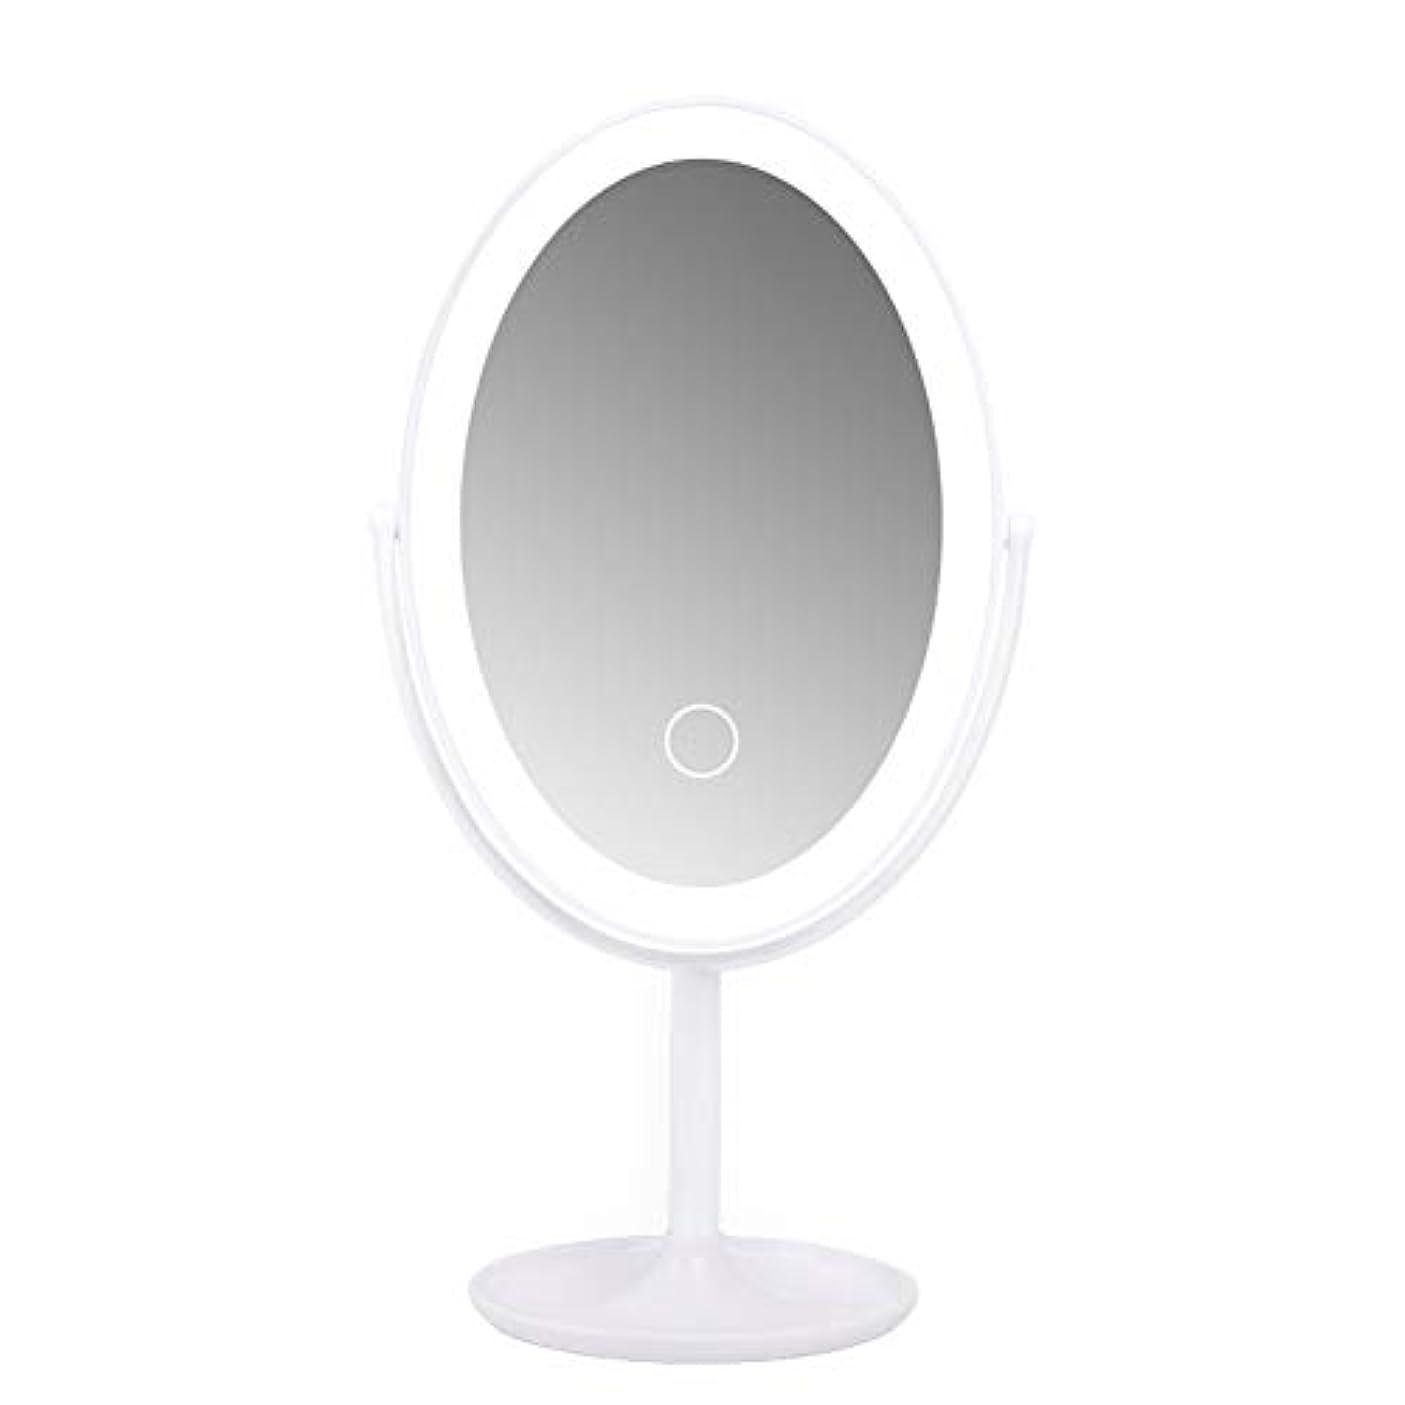 ロードハウス放置壊すCatChi 化粧ミラー LED 女優ミラー 360度回転 メイクミラー 卓上 円型 タッチ式 化粧鏡 洗面所用 USB給電 ポータブル